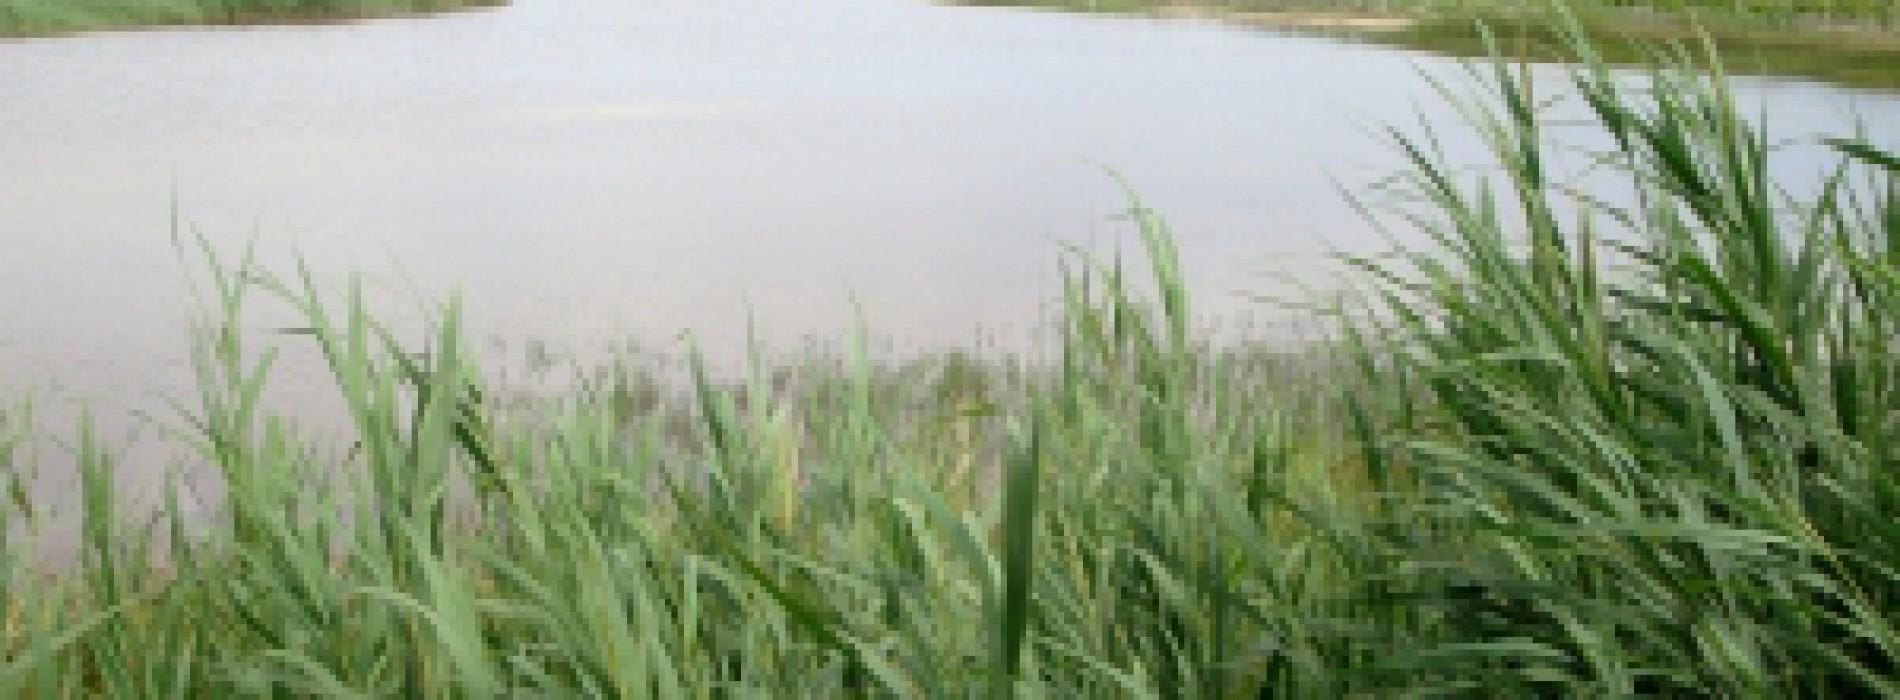 Fundacja Ochrony Wielkich Jezior Mazurskich chce stworzyć mapę ze strefami ciszy na Mazurach